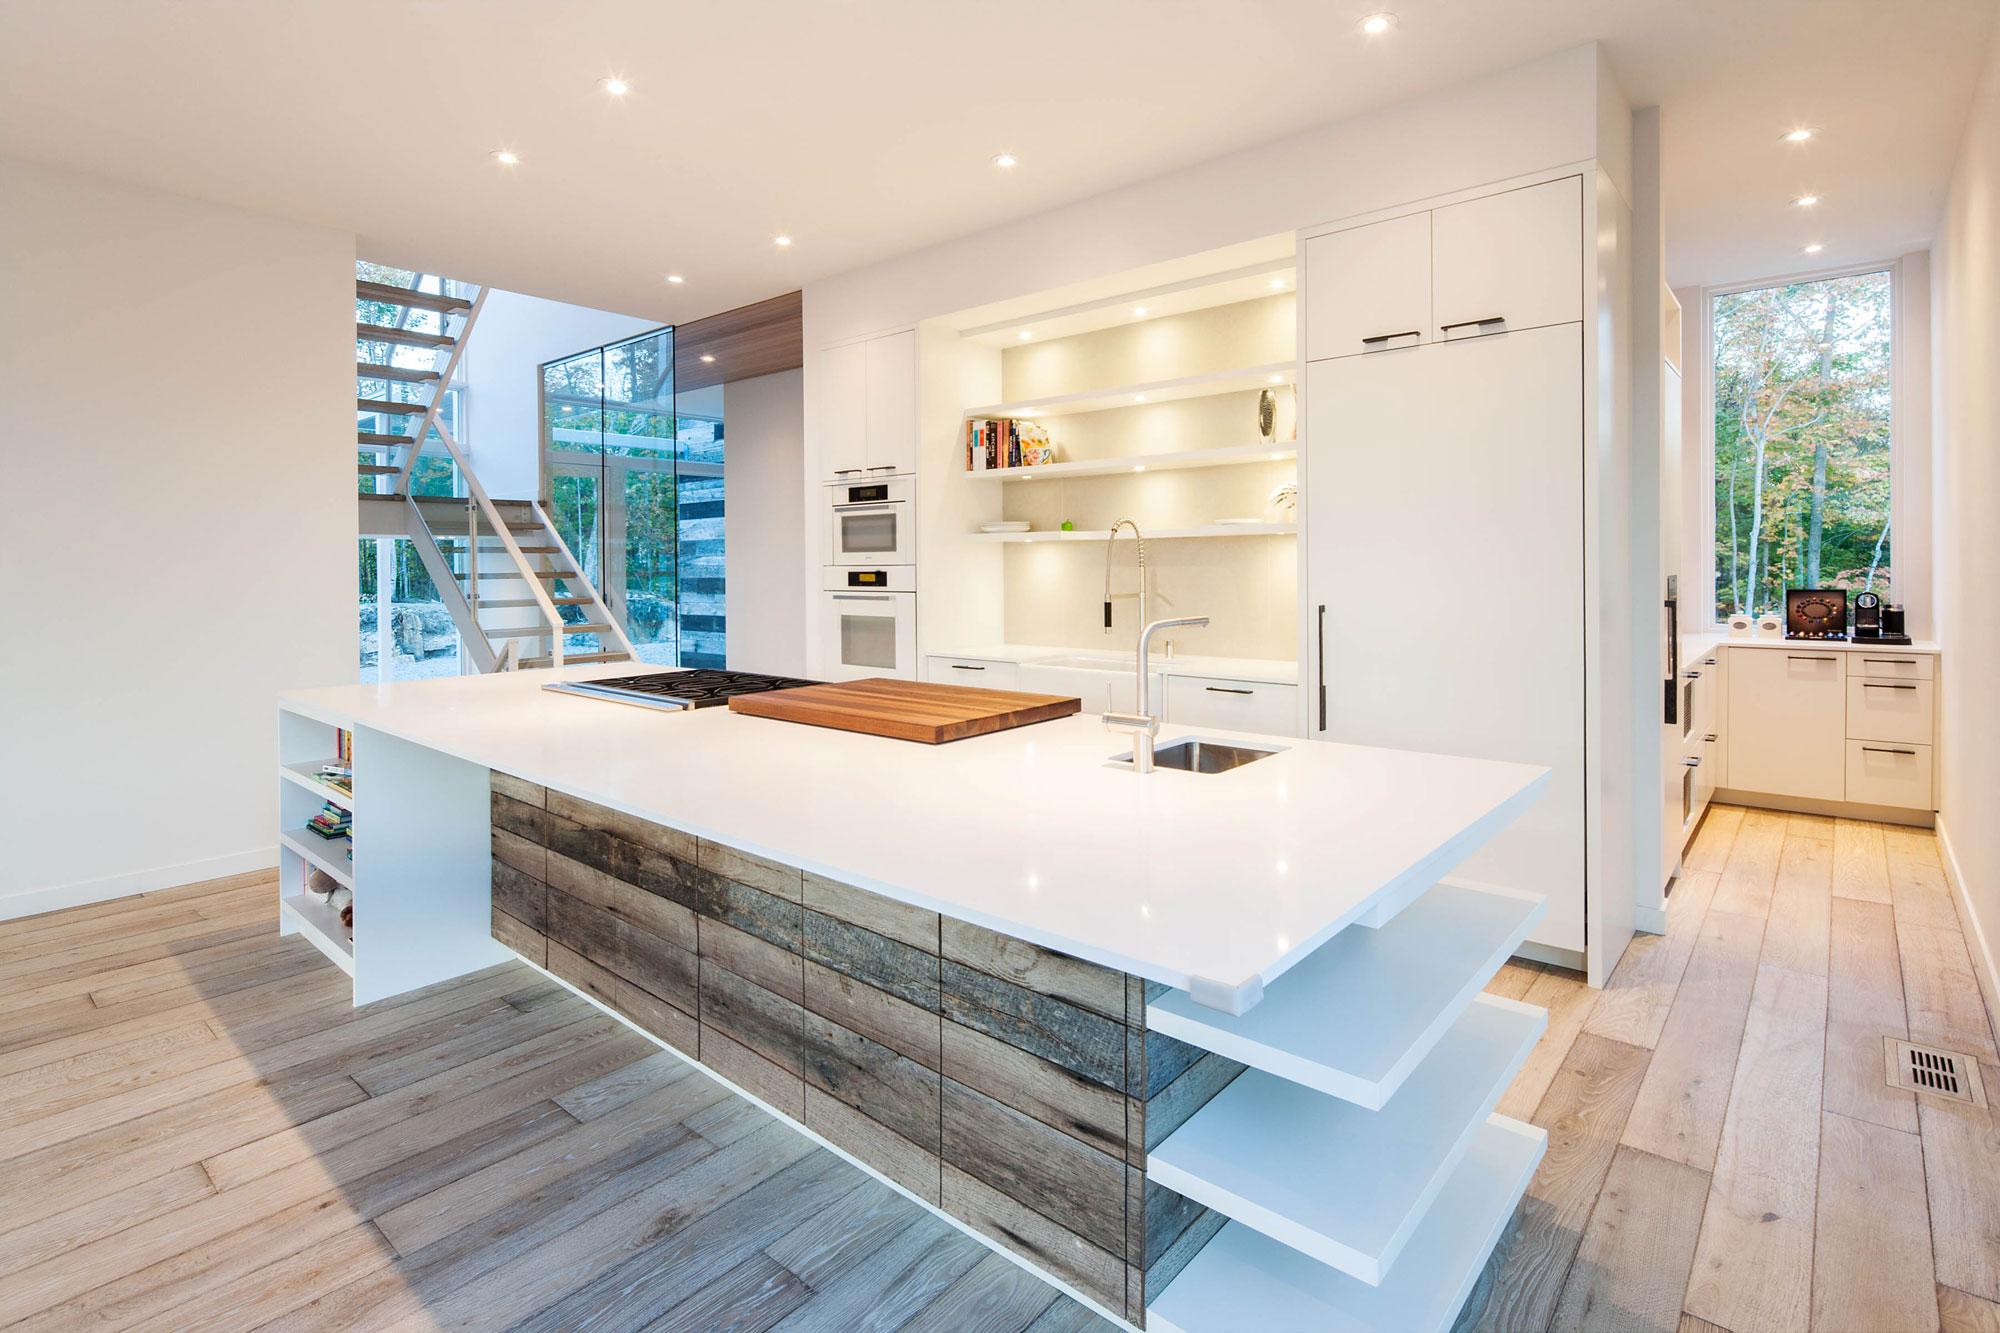 Роскошный интерьер кухни в загородном доме - Фото 20